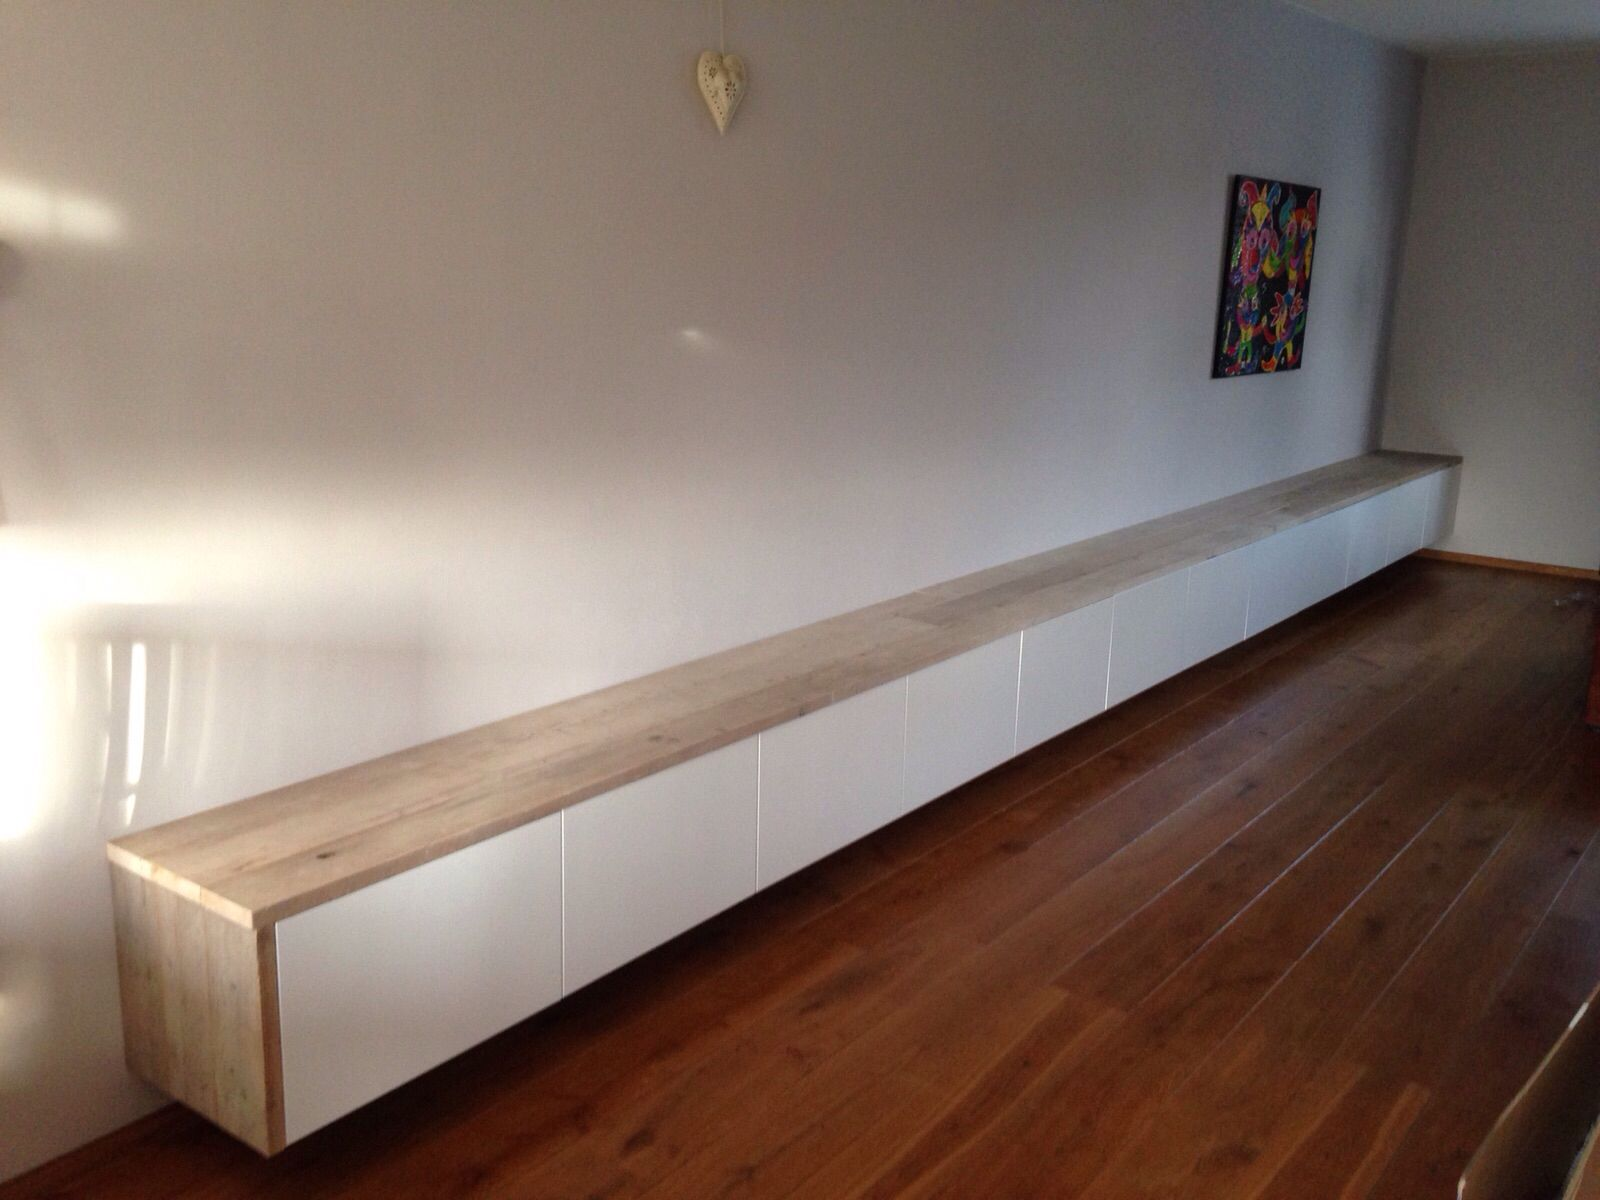 Zwevende Wandkast Ikea.Zwevende Kast Van 7 20 Meter Ikea Besta Kasten Afgewerkt Met